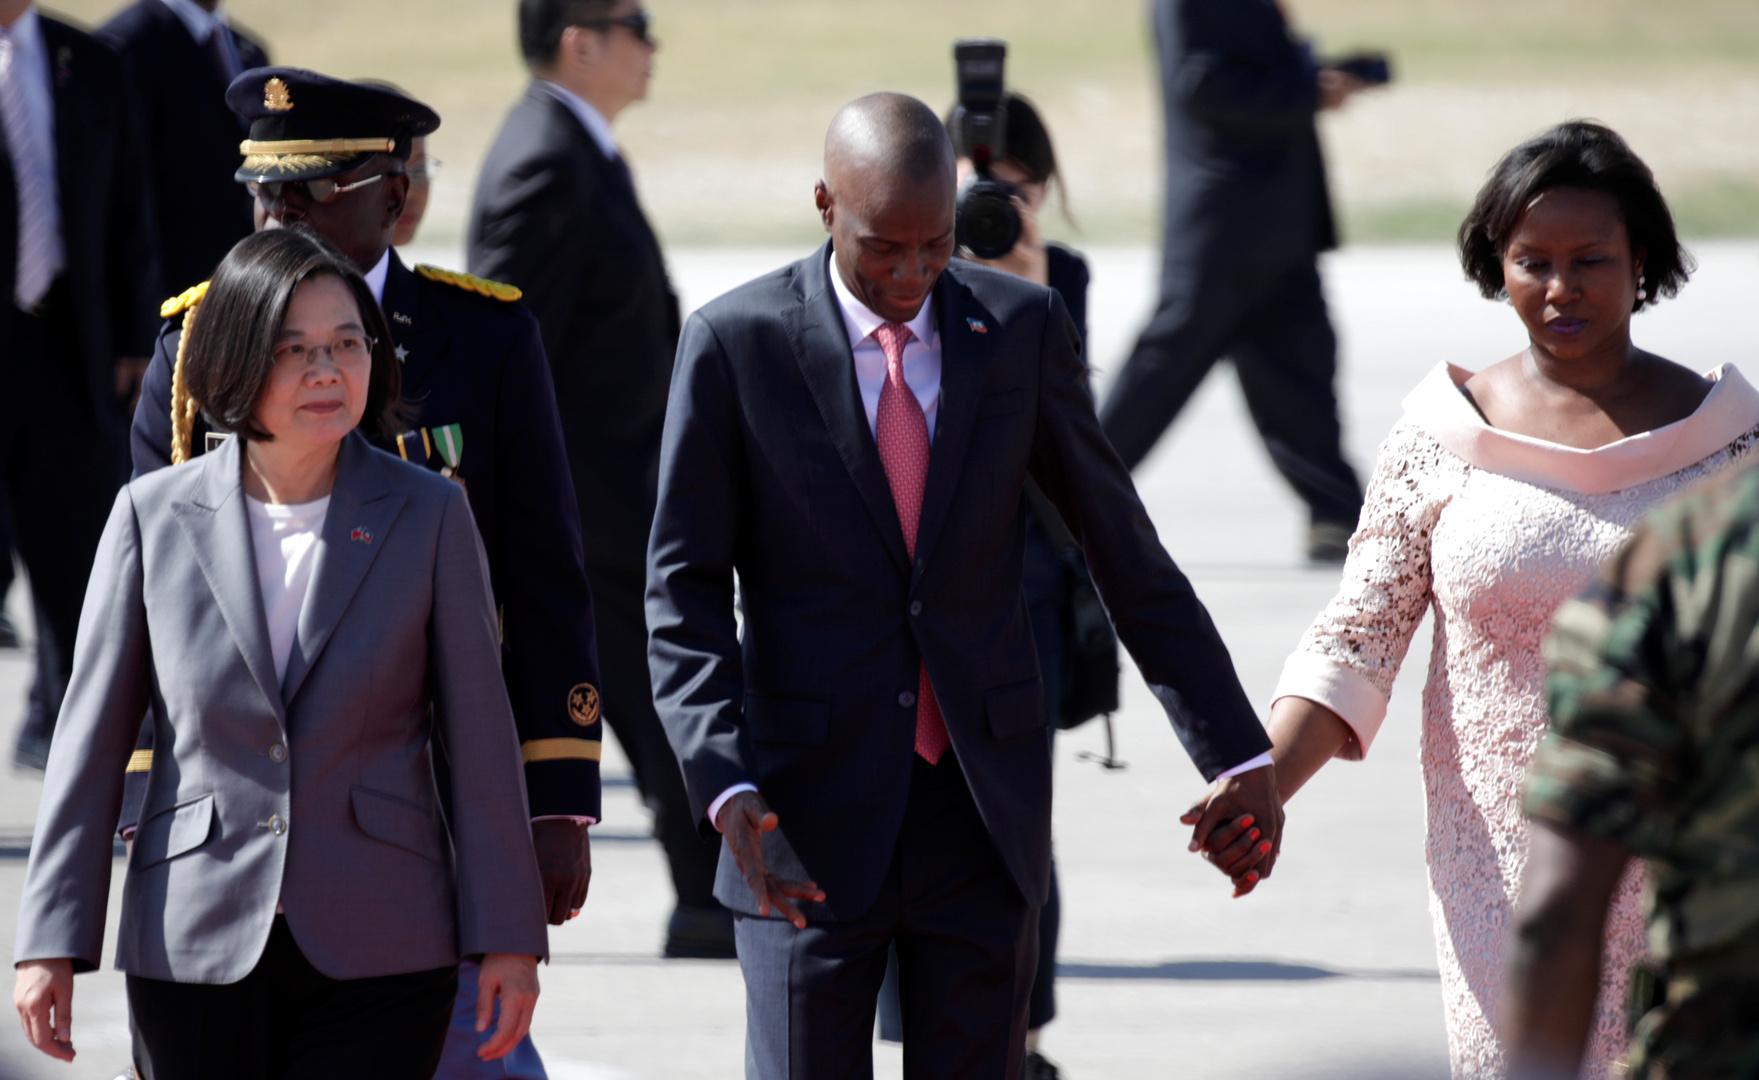 عائلة رئيس هايتي المقتول تغادر البلاد متوجة إلى الولايات المتحدة